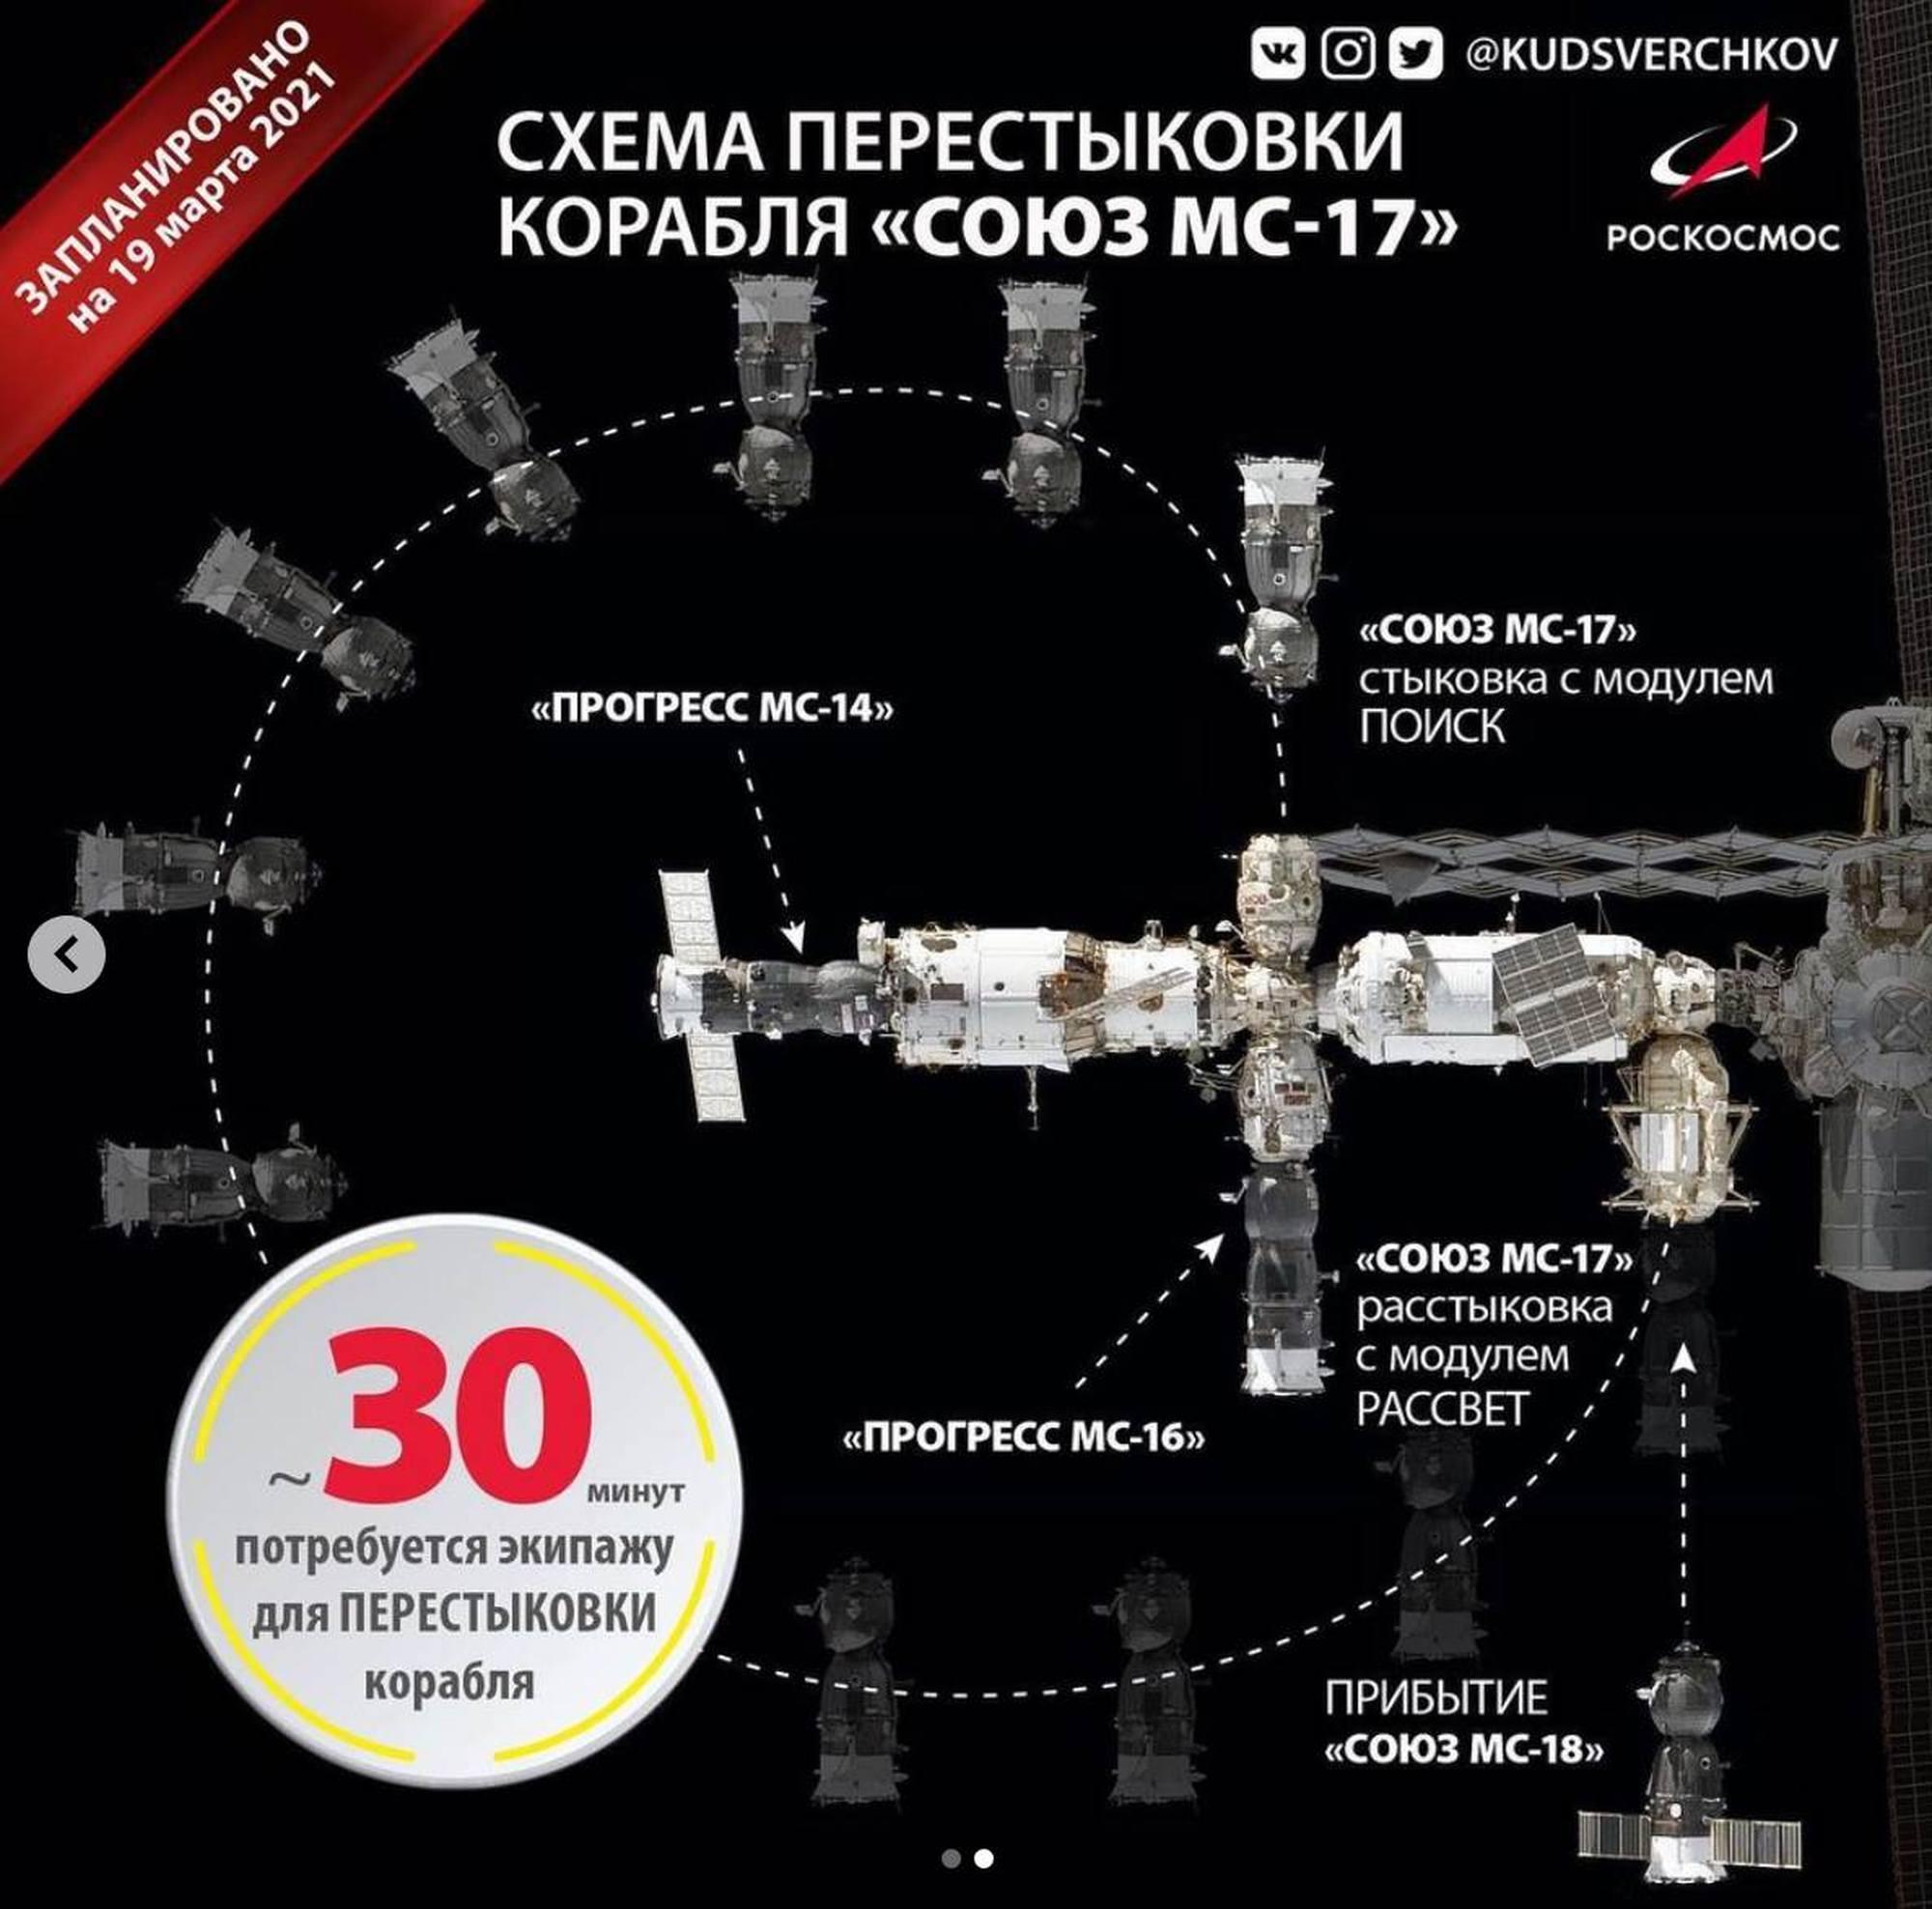 Sur ce diagramme il est possible de comprendre comment Soyouz MS-17 sera replacé sur Poisk et l'arrivée prévue de Soyouz MS-18 en avril.